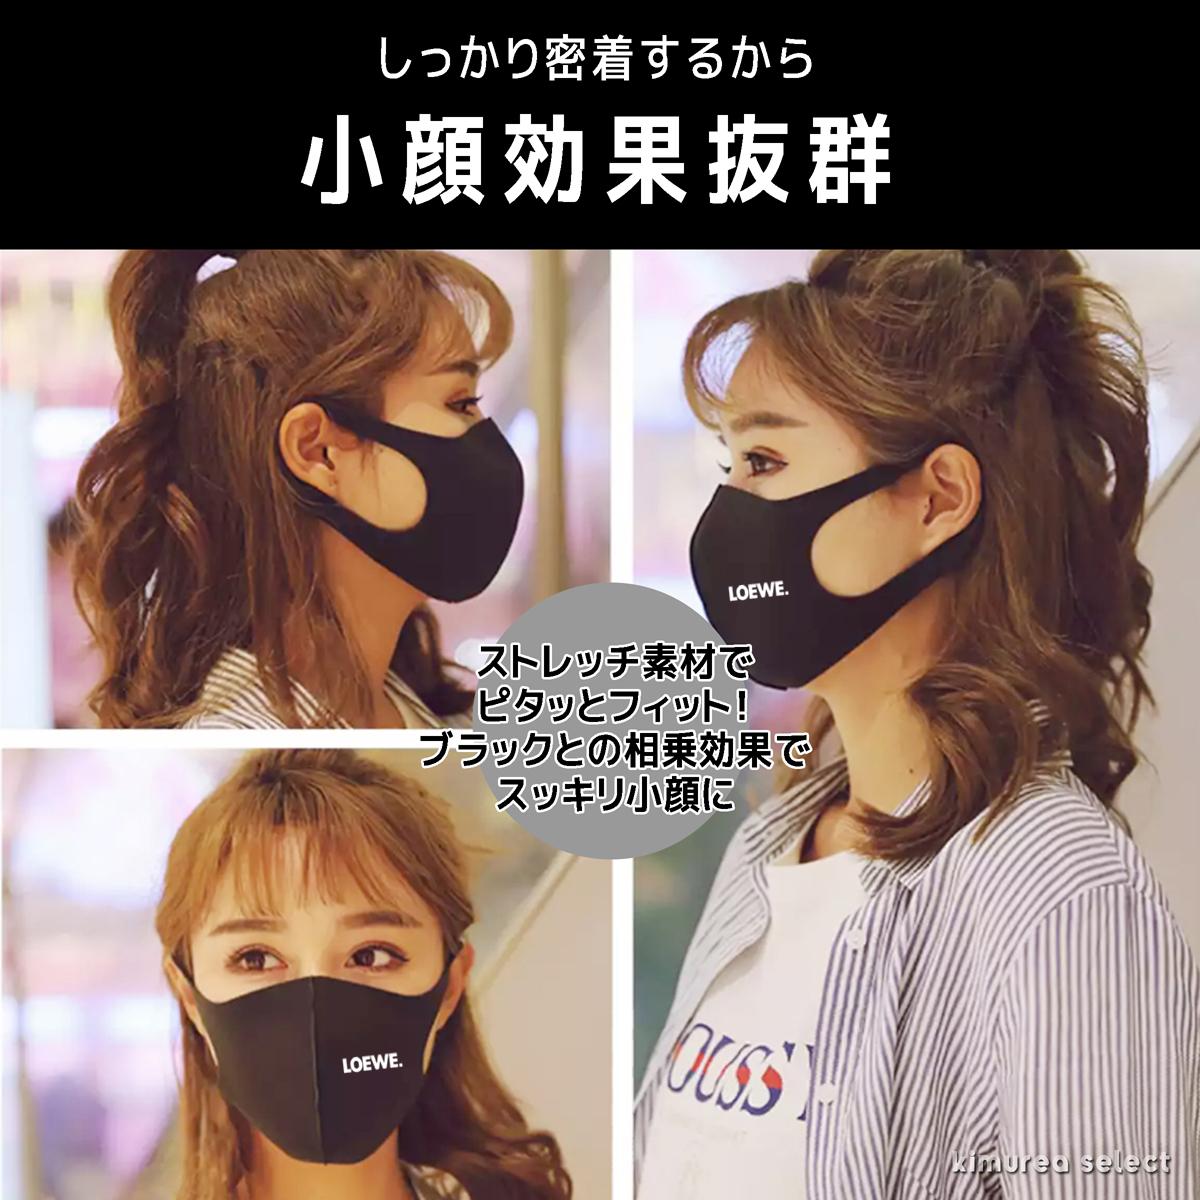 レディース ストリート マスク 黒 洗える 立体マスク 在庫あり